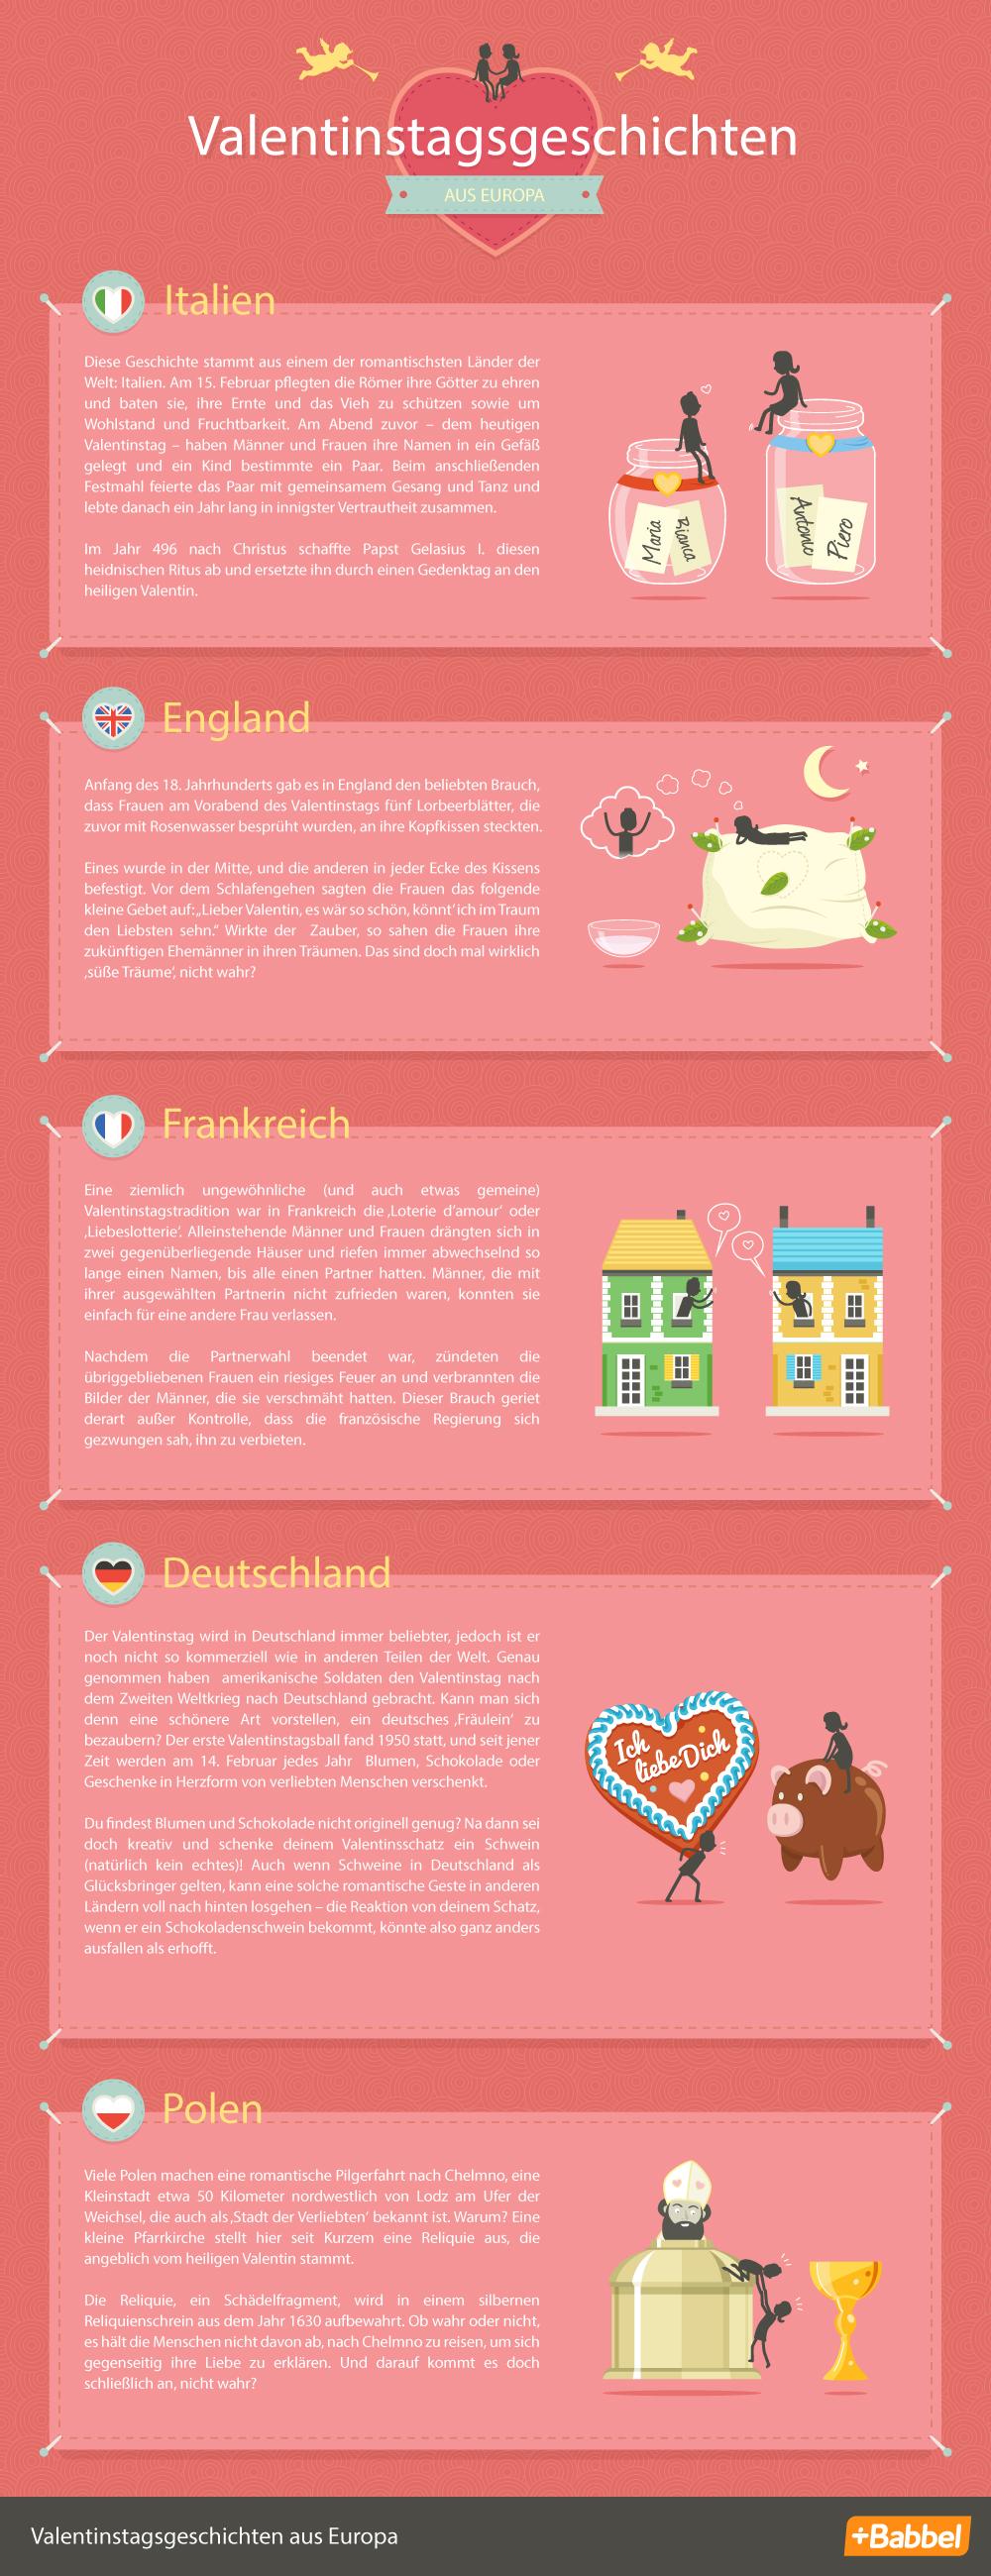 Valentinstag in anderen Ländern: Traditionen und Geschenke